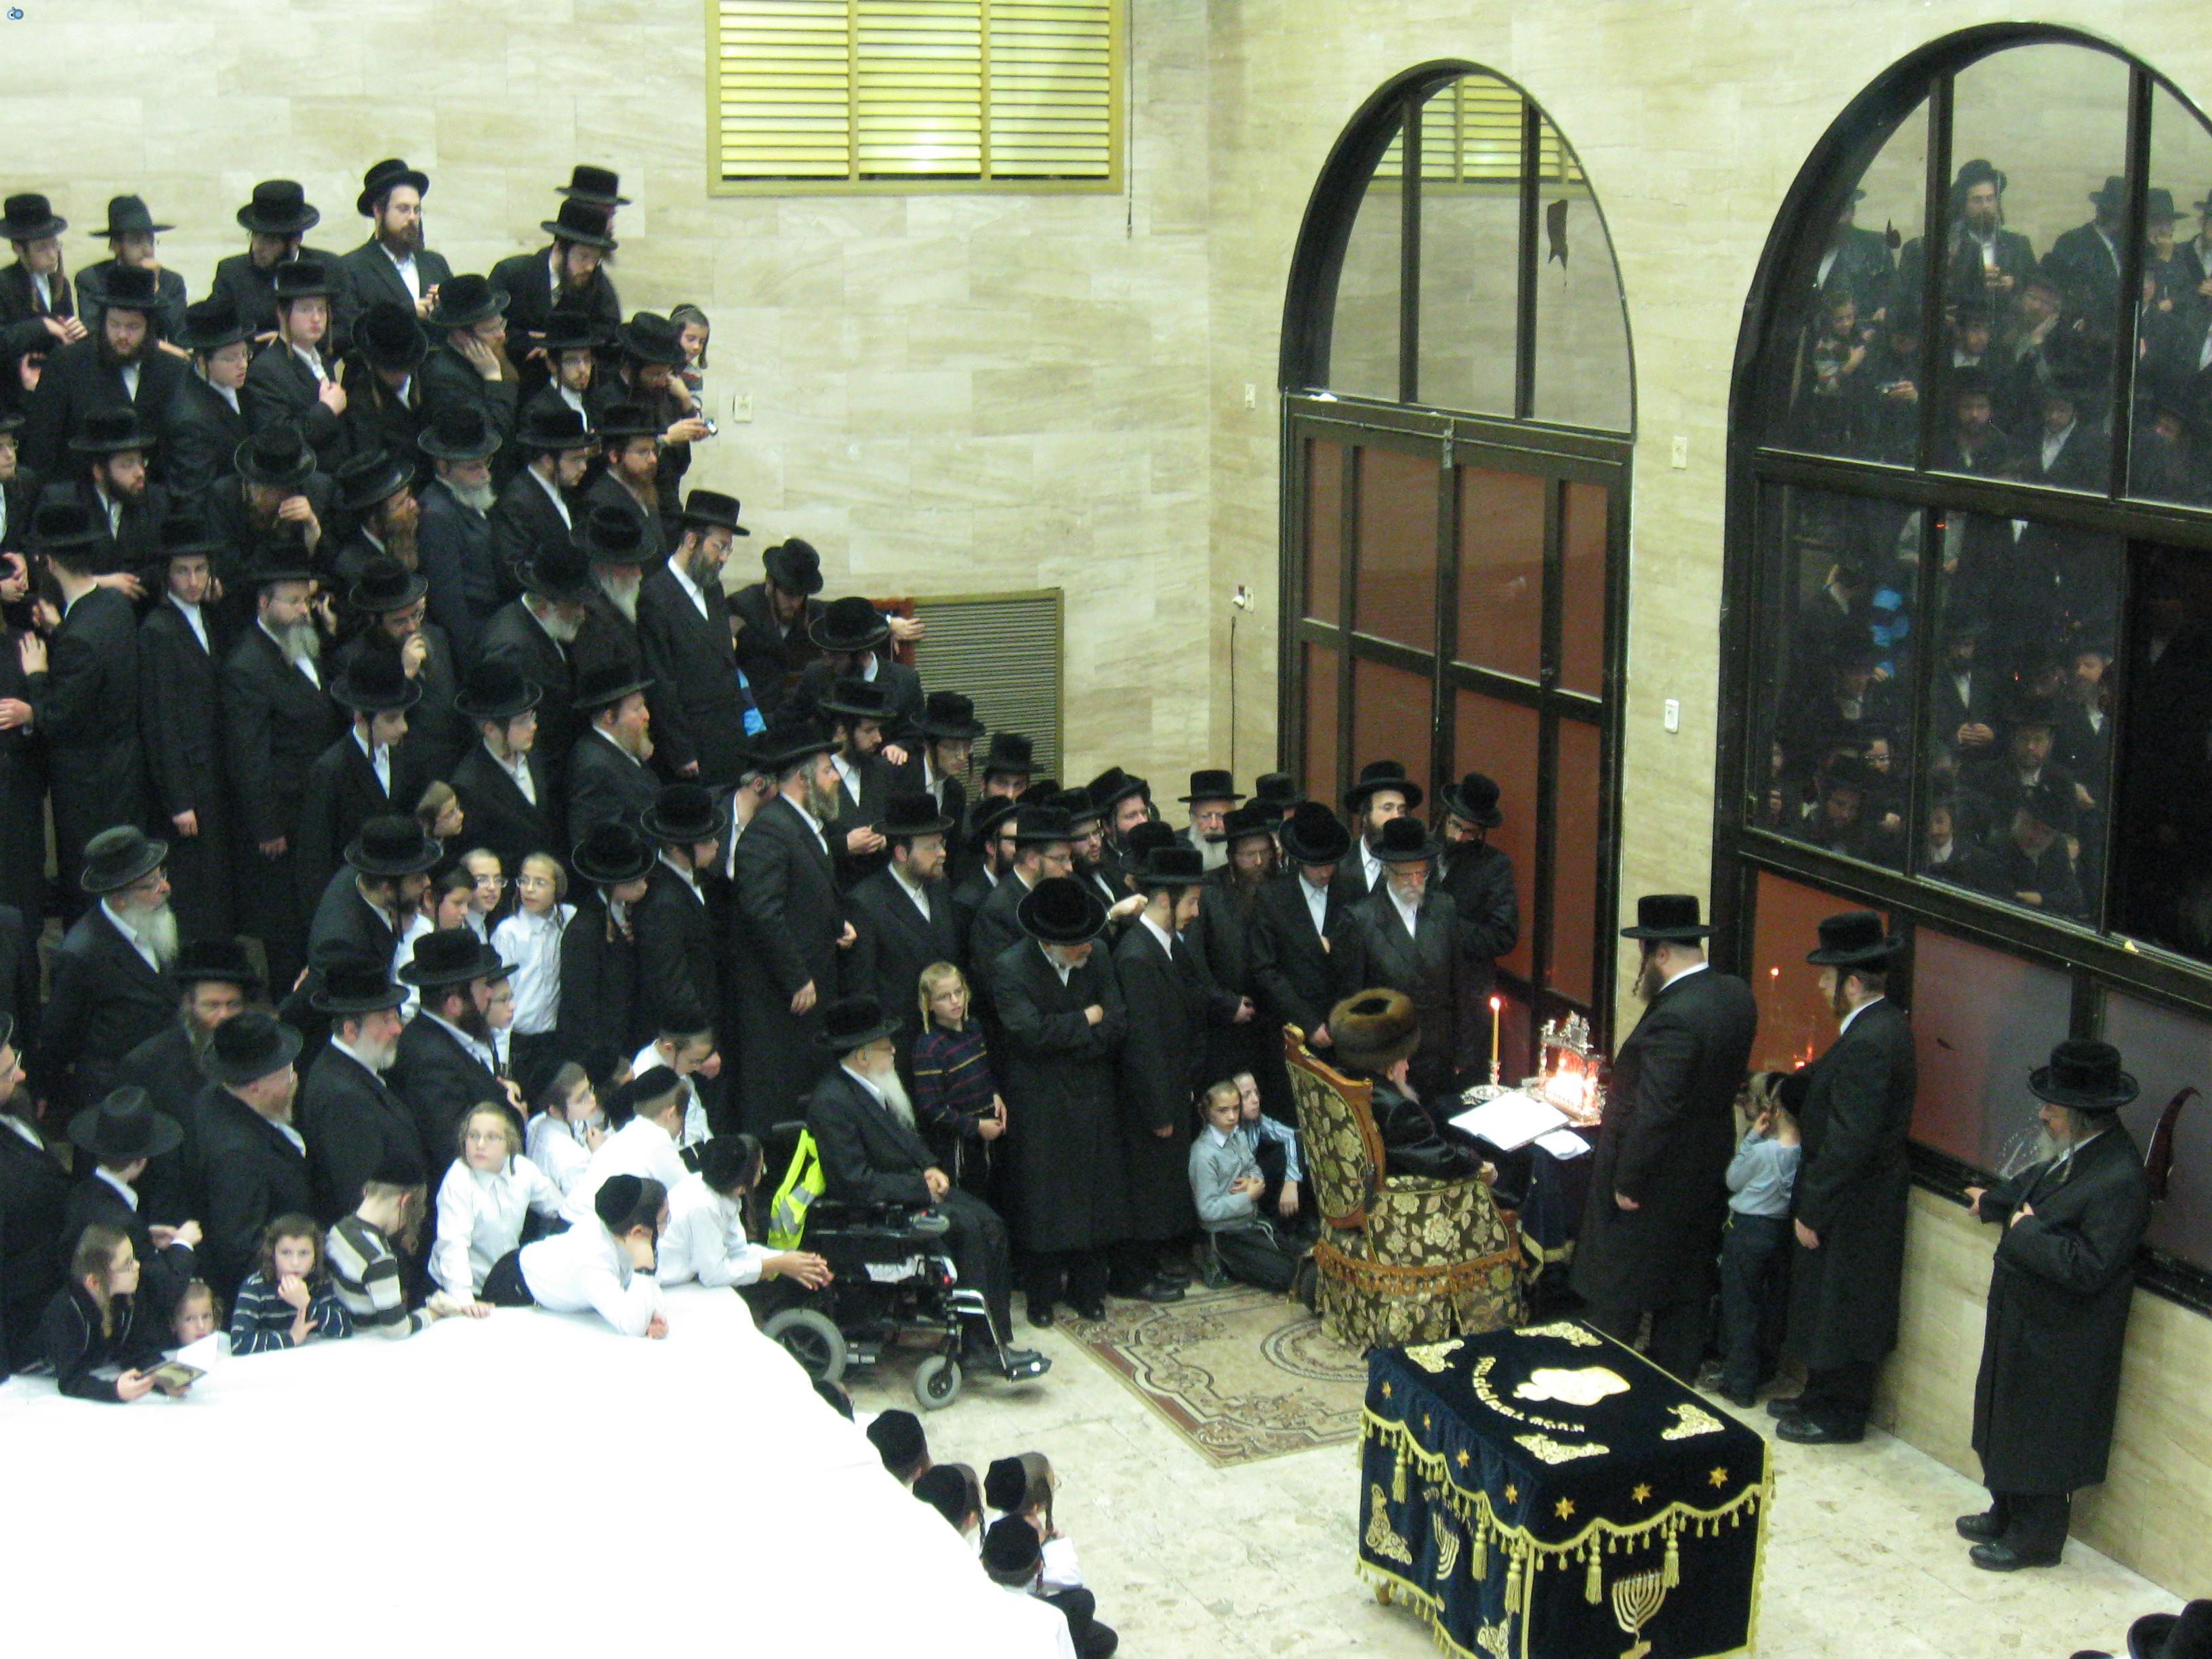 הדלקת נרות-סערט ויזניץ חיפה- מ.ג. חדשות 24 (4)